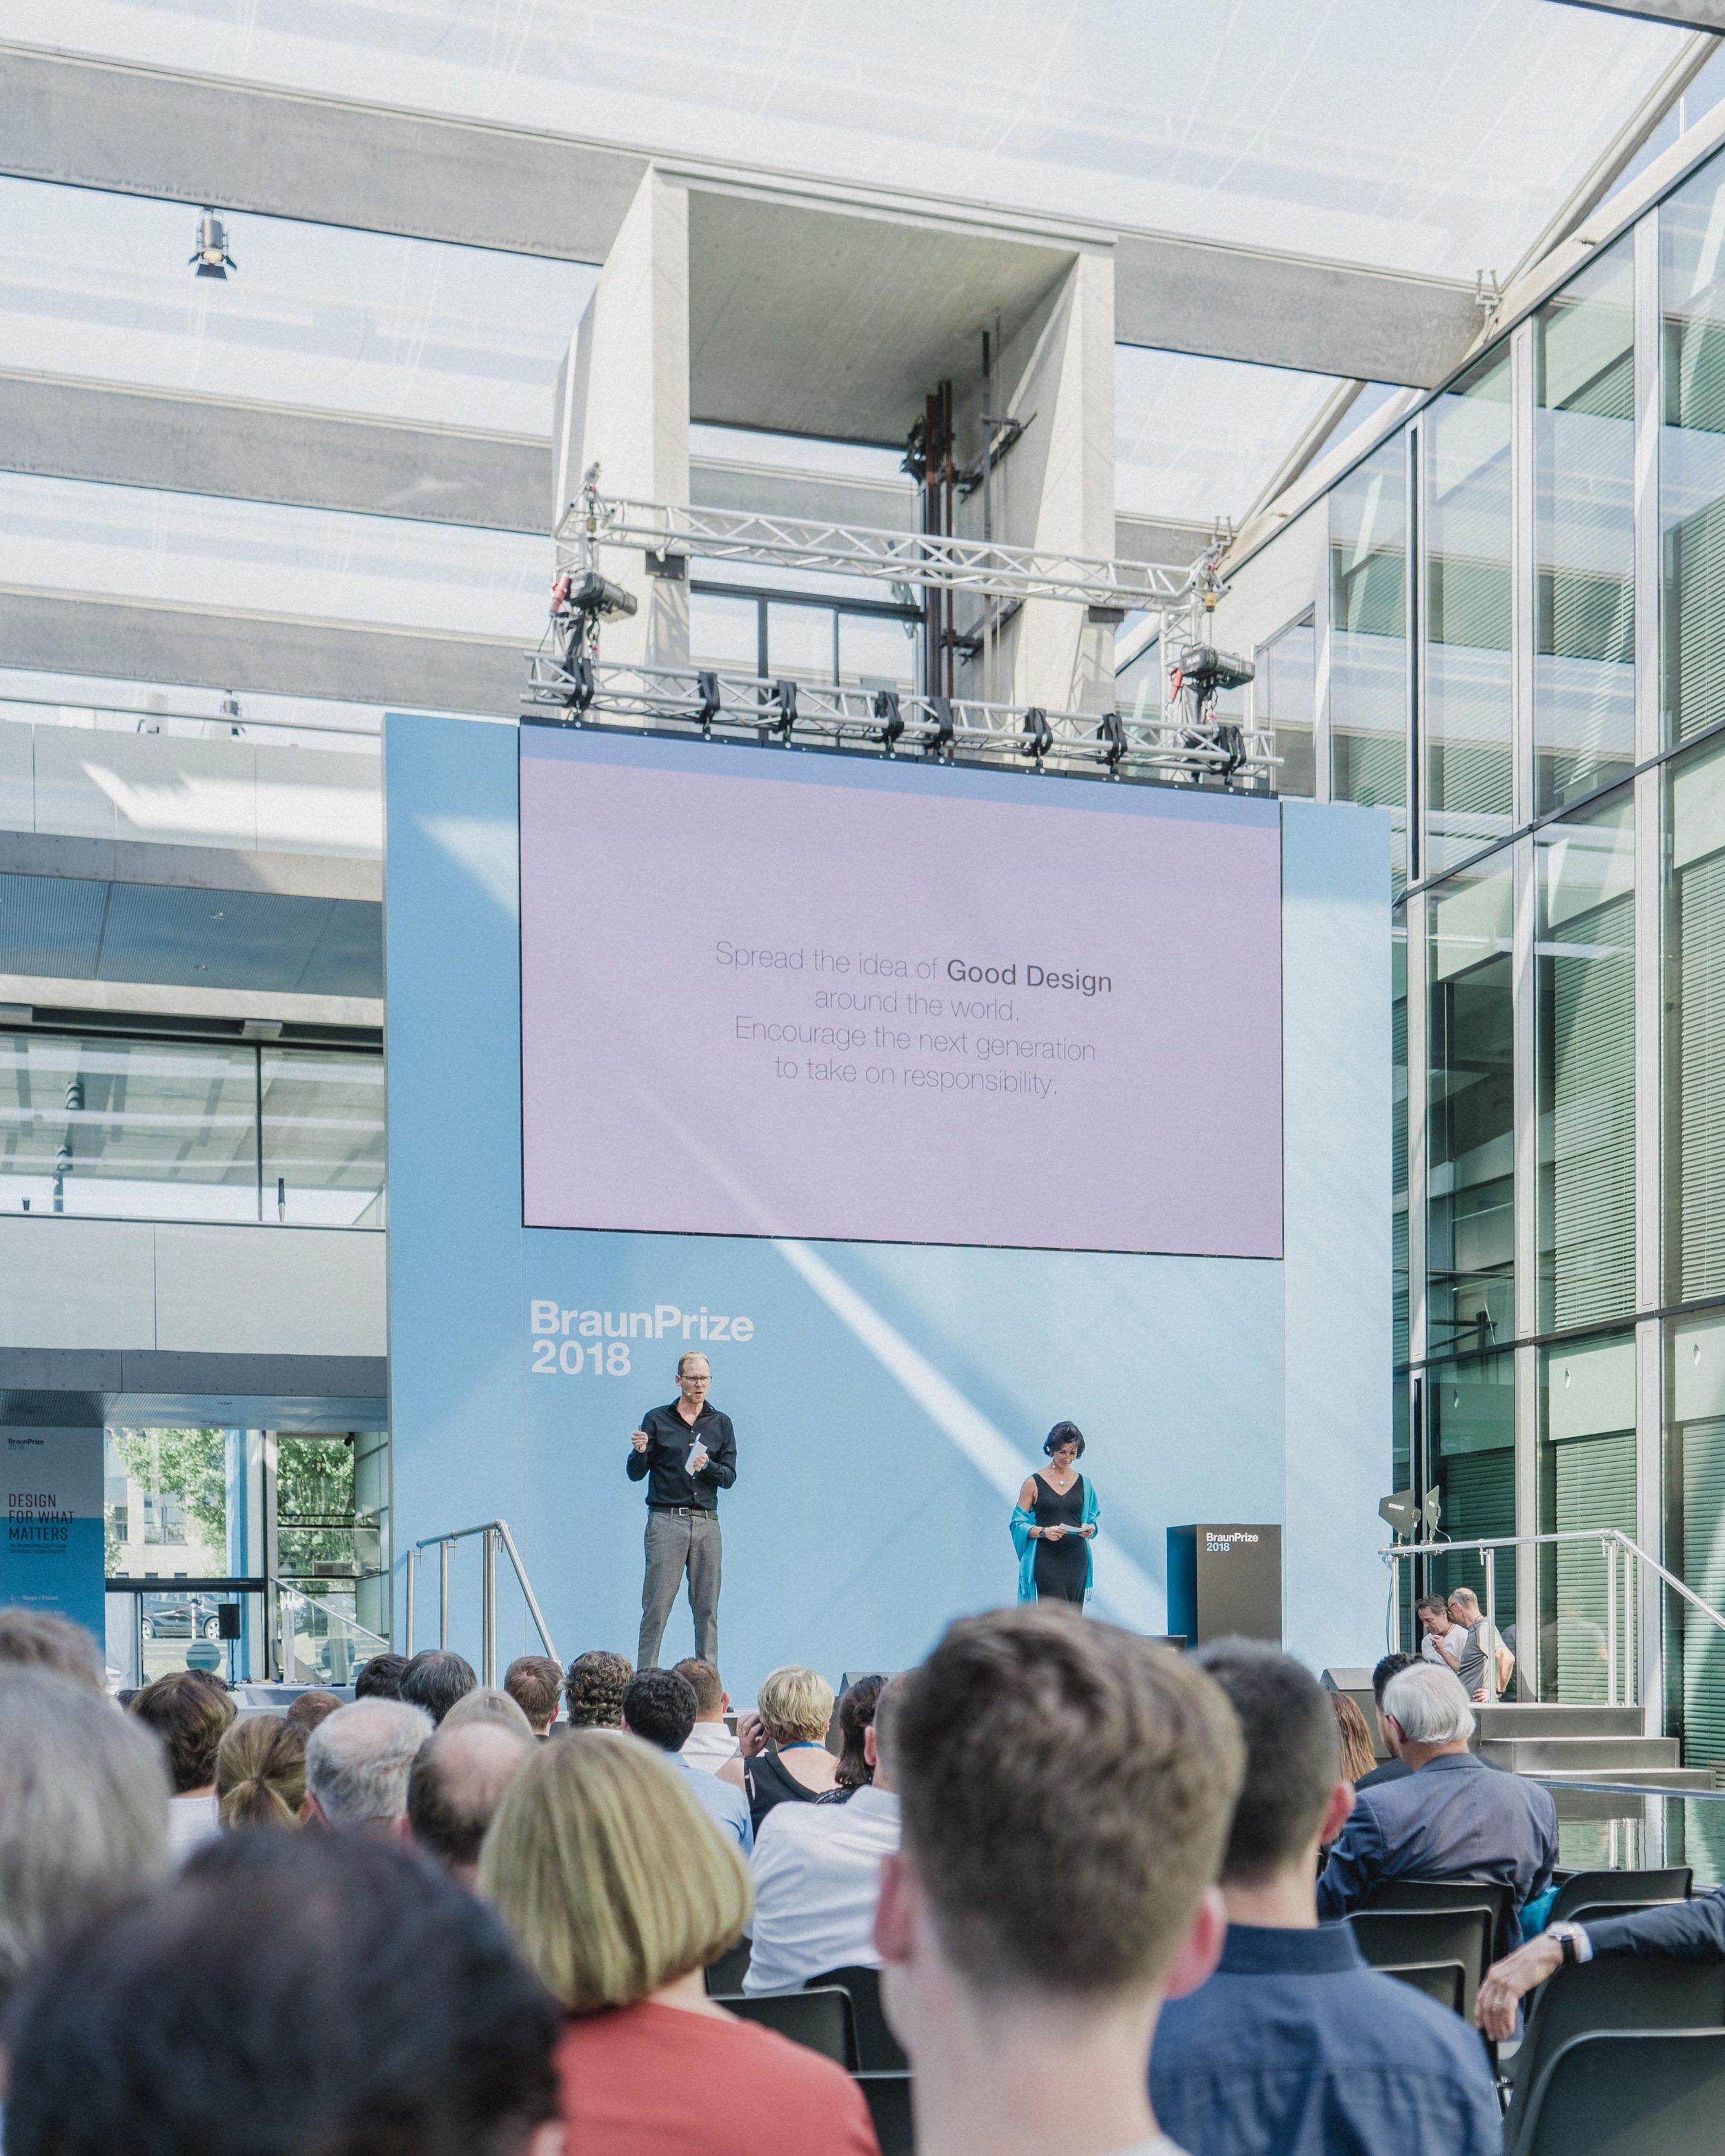 Opening speech on Good Deisgn